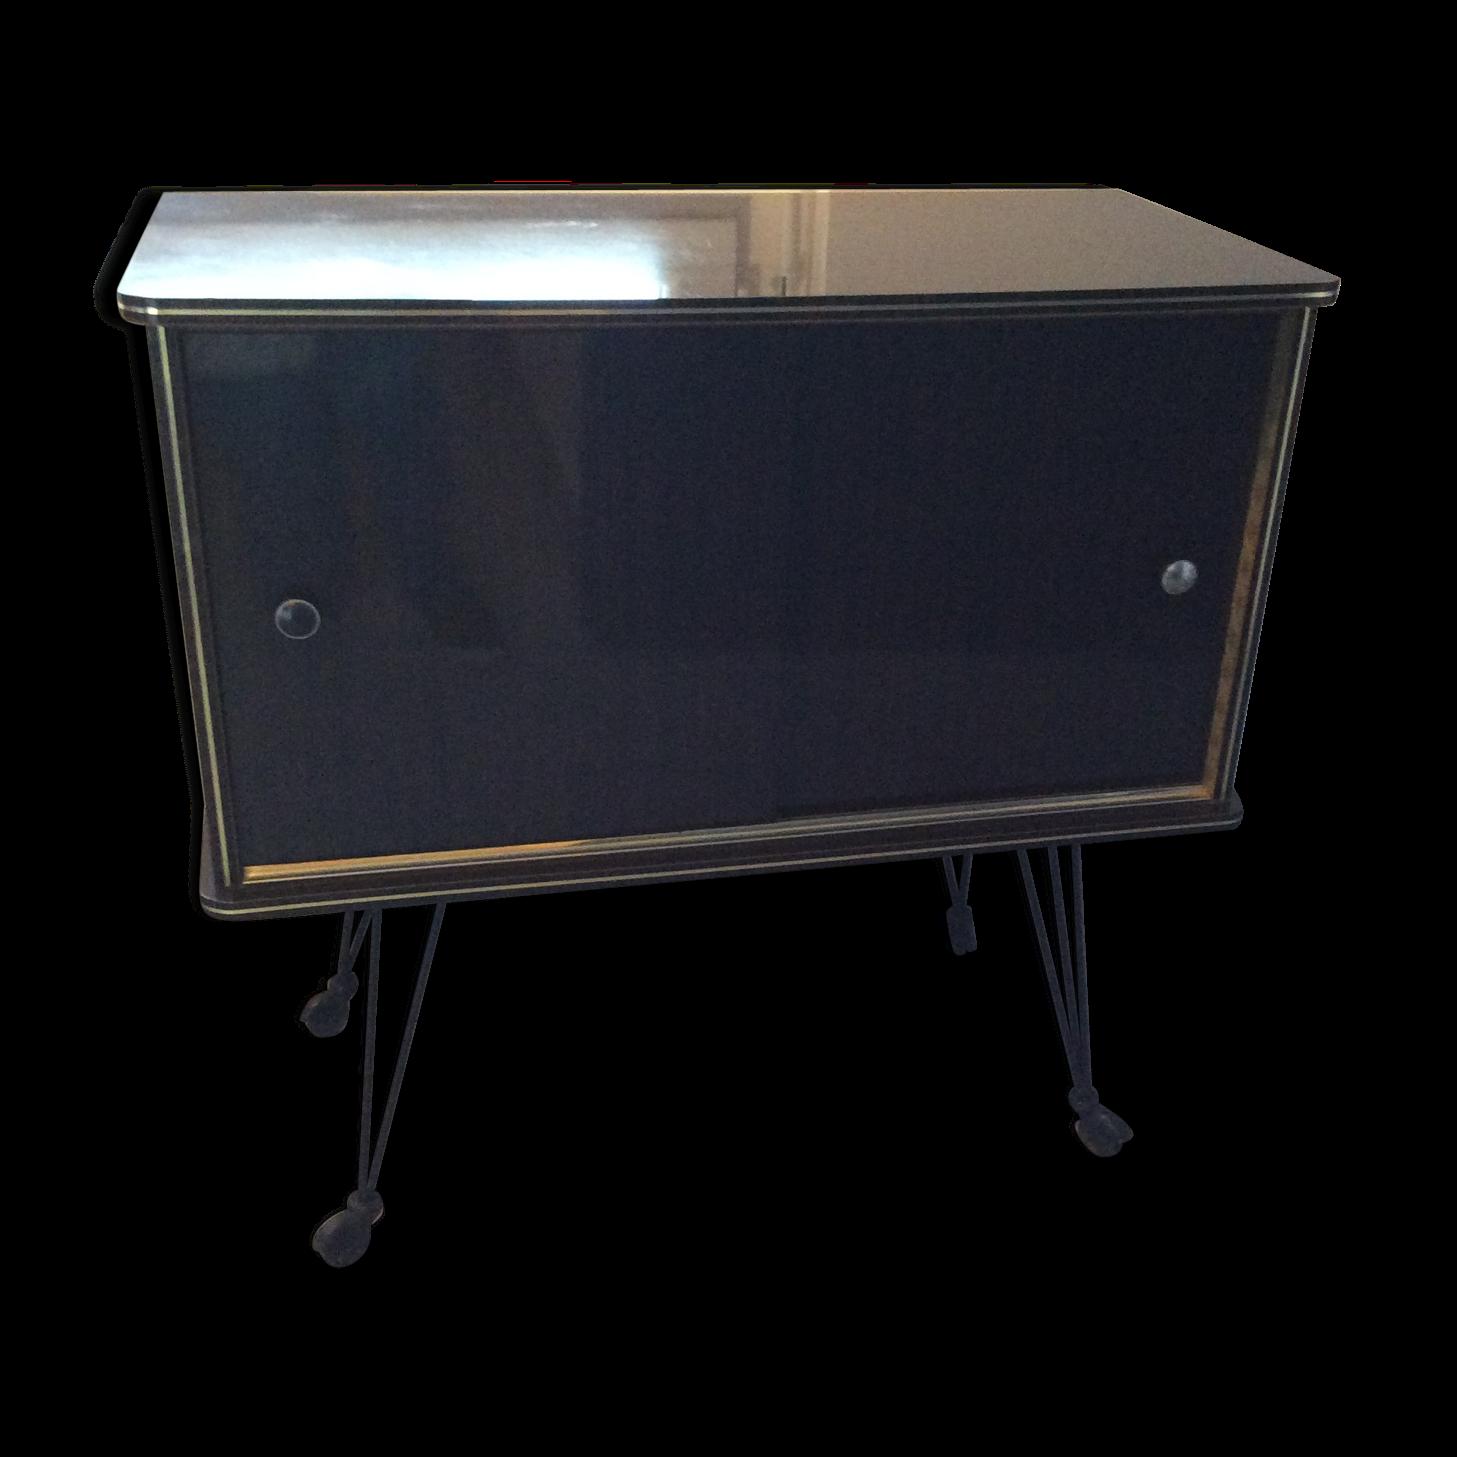 meuble barrique barrique deco tont bois ou peinte meuble tonneau grosir baju surabaya table. Black Bedroom Furniture Sets. Home Design Ideas